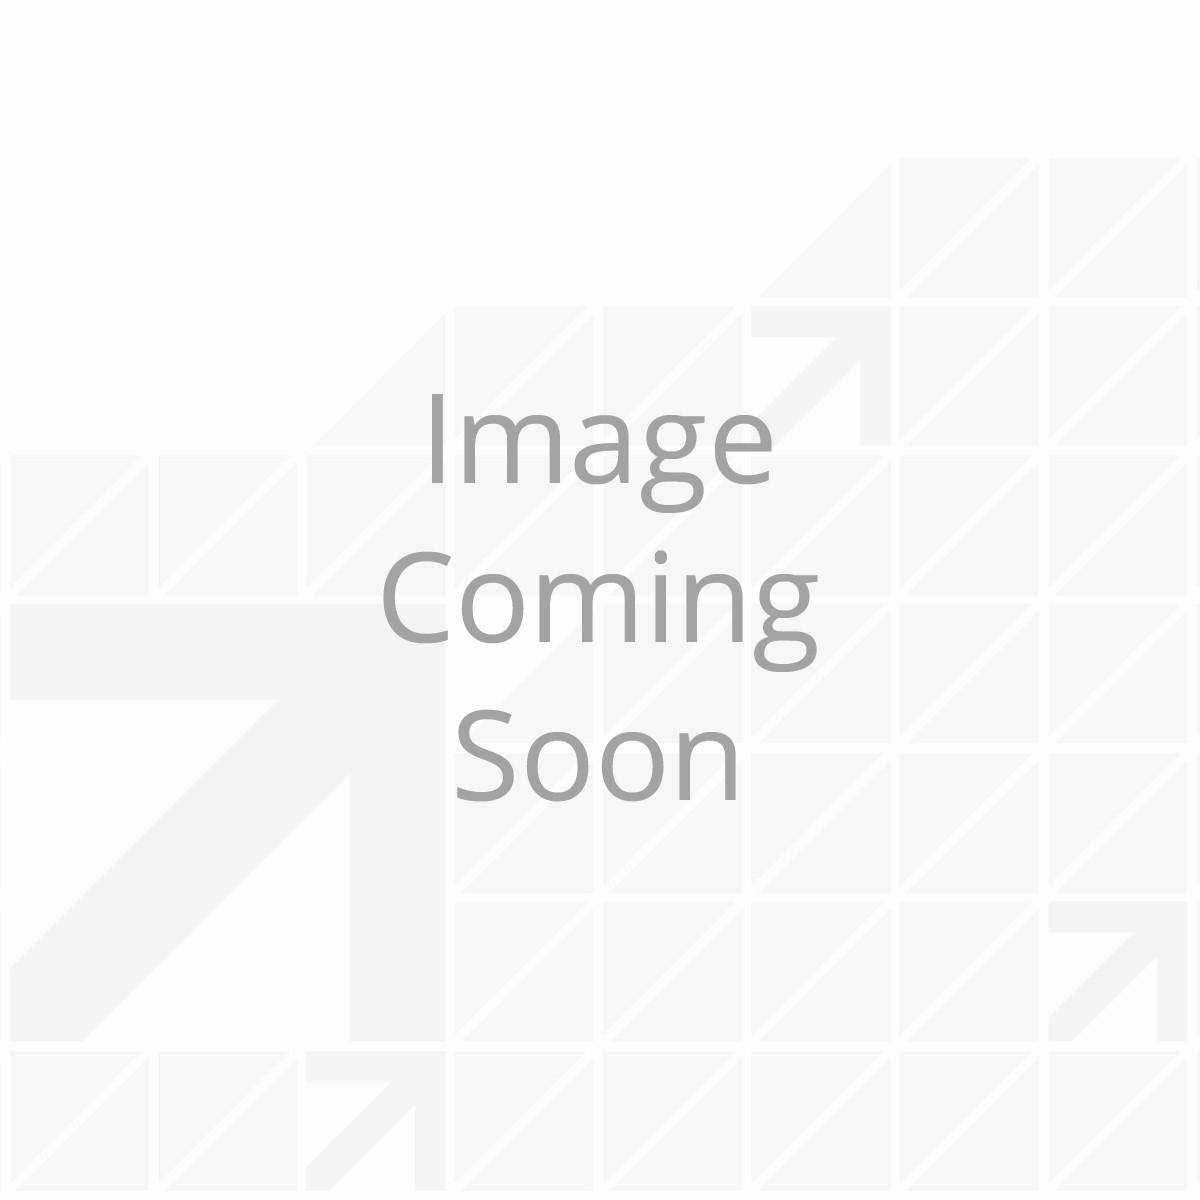 Thomas Payne® Microfiber Sheet Set, White - Queen